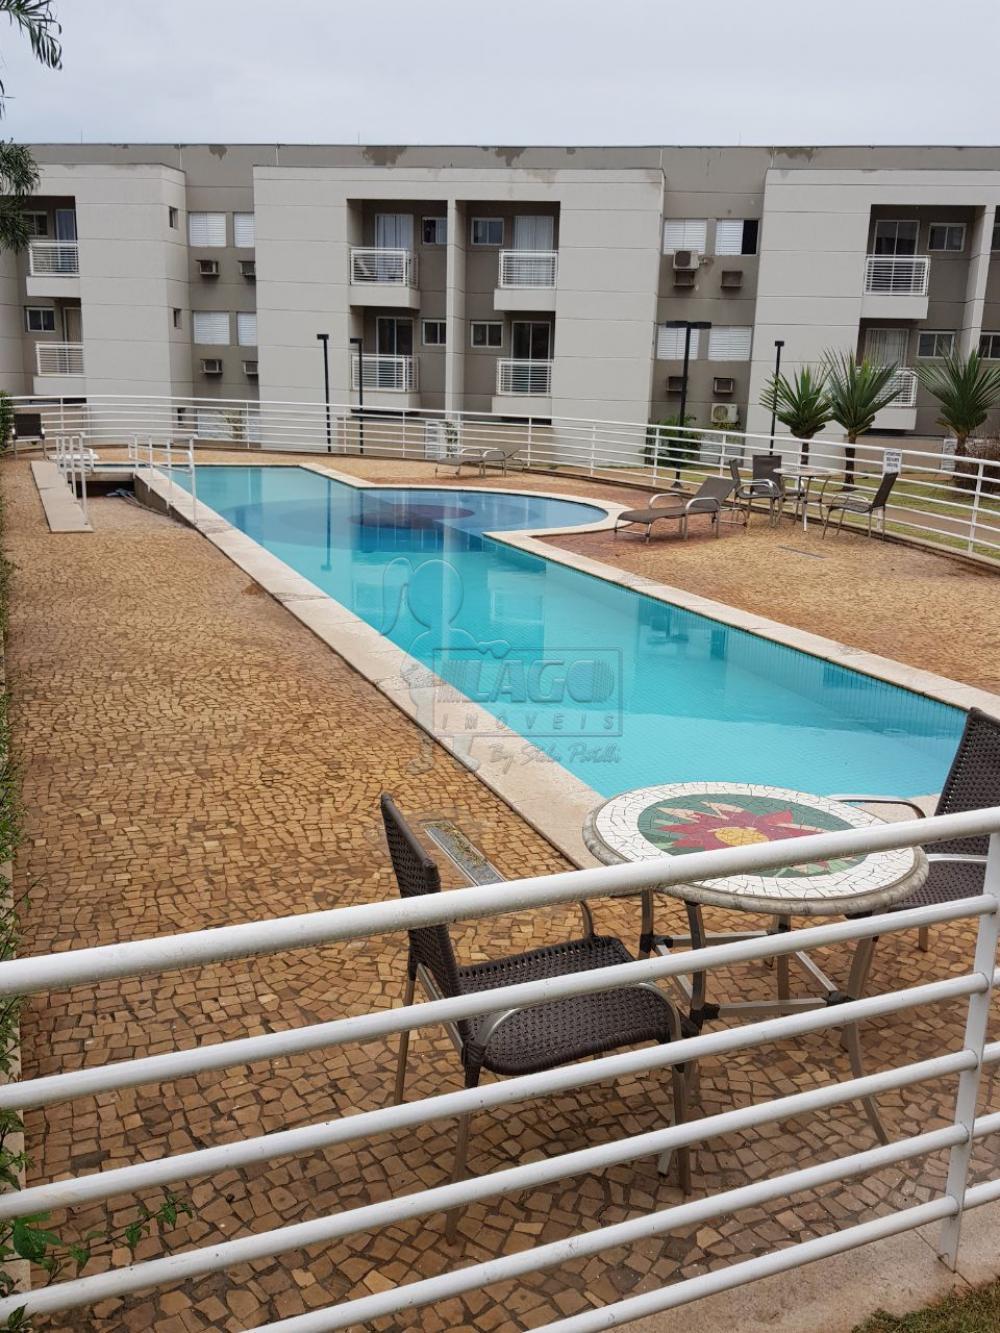 Comprar Apartamento / Padrão em Ribeirão Preto apenas R$ 170.000,00 - Foto 1